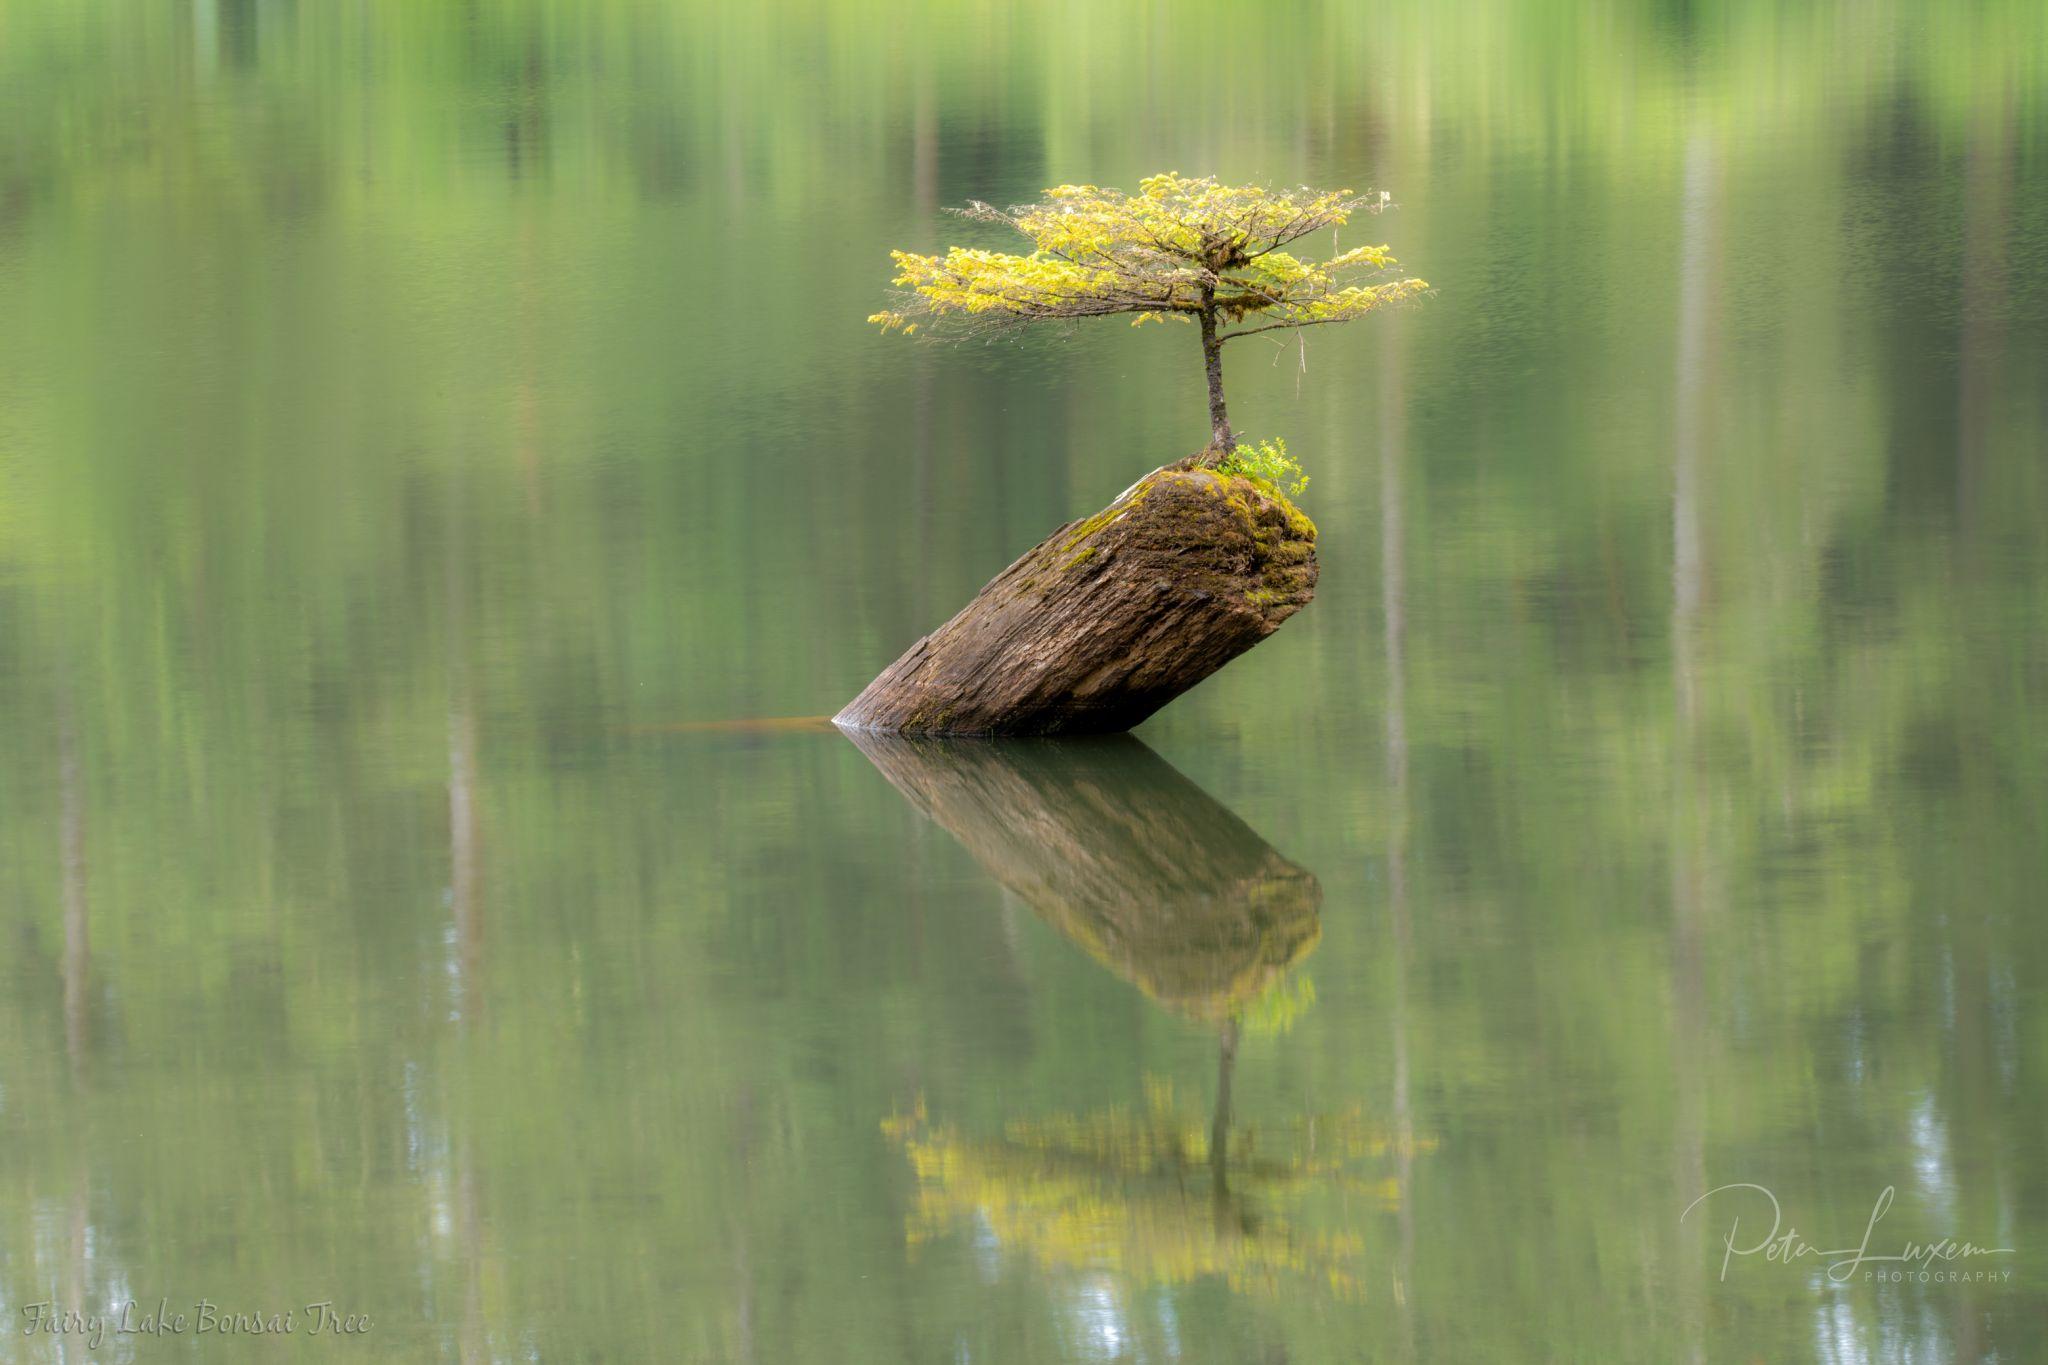 Fairy Lake Bonsai Tree, Canada